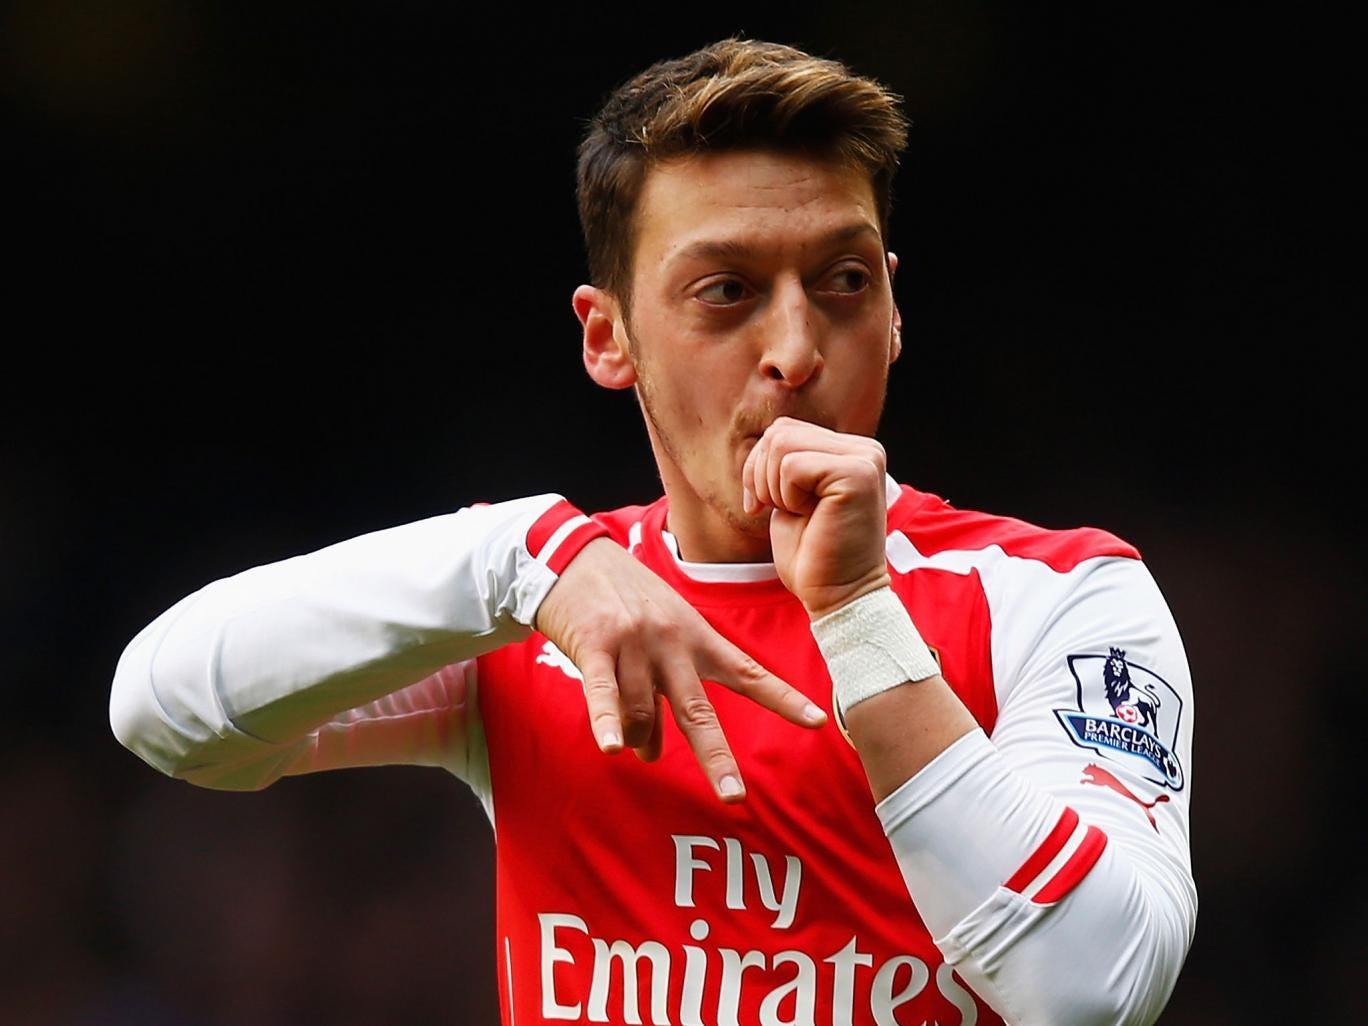 Mesut Ozil Goal Celebration Explained: Arsenal Midfielder